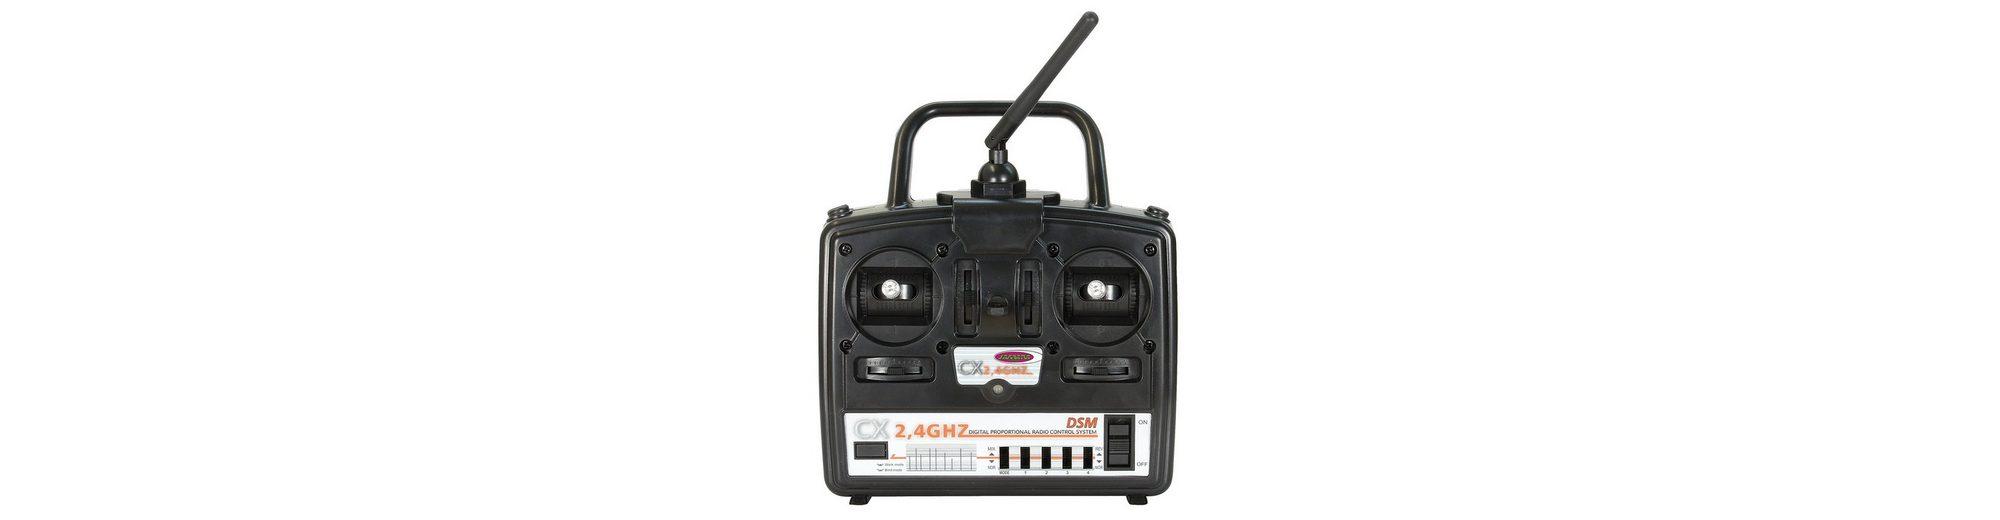 JAMARA RC-Fernsteuerung mit 4 Kanal Sender und 6 Kanal Empfänger, »CX 2,4 GHz Gas rechts«